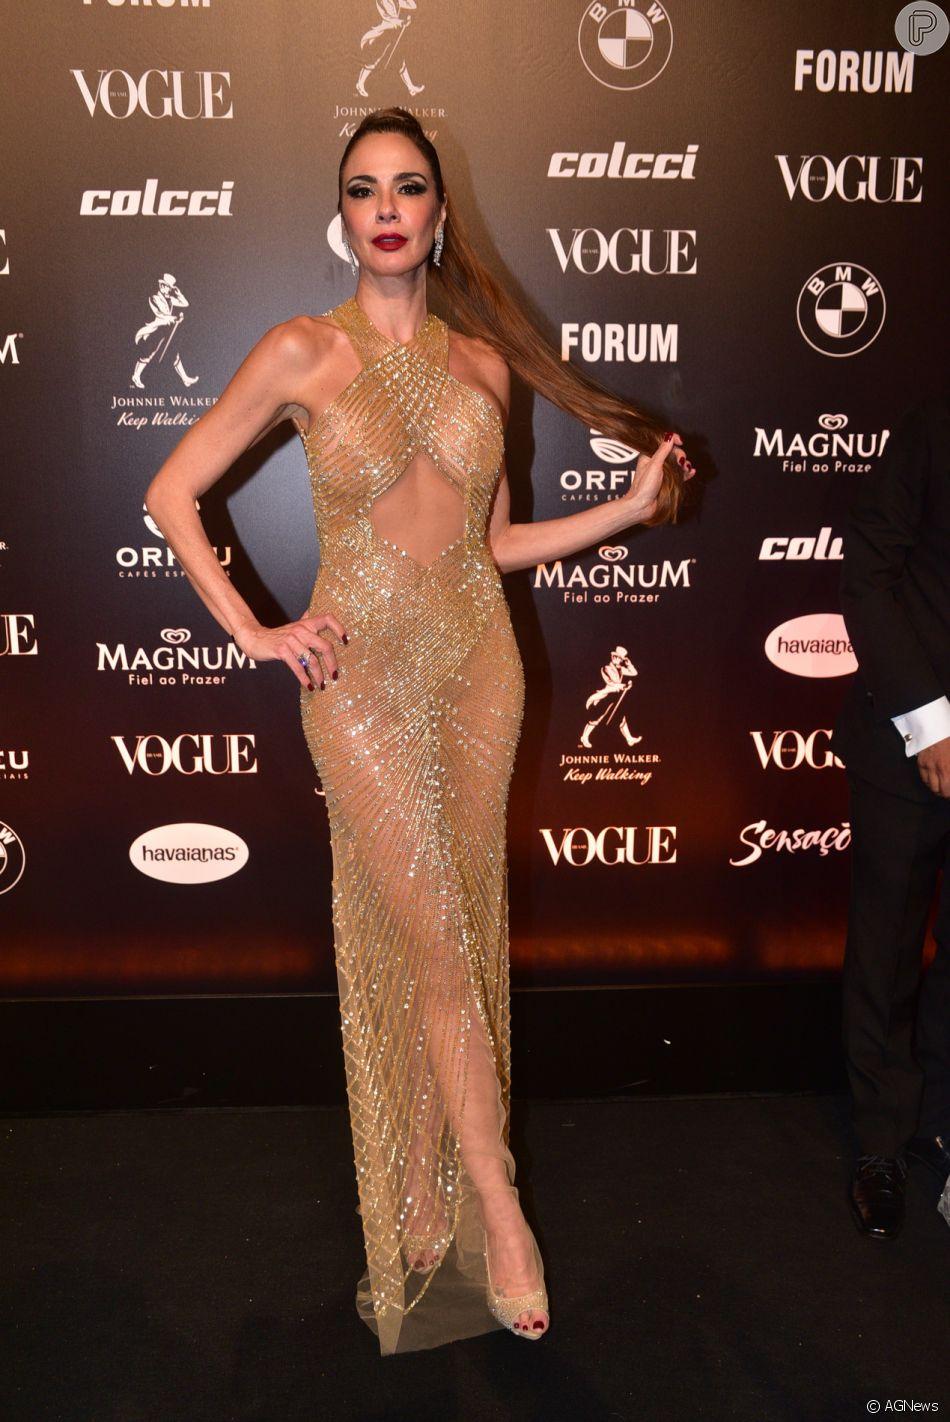 83623ad77 Baile da Vogue  Luciana Gimenez com vestido nude com bordados em tons de  dourado e recortes na barriga e nas costas. Ousadia sem perder o glamour